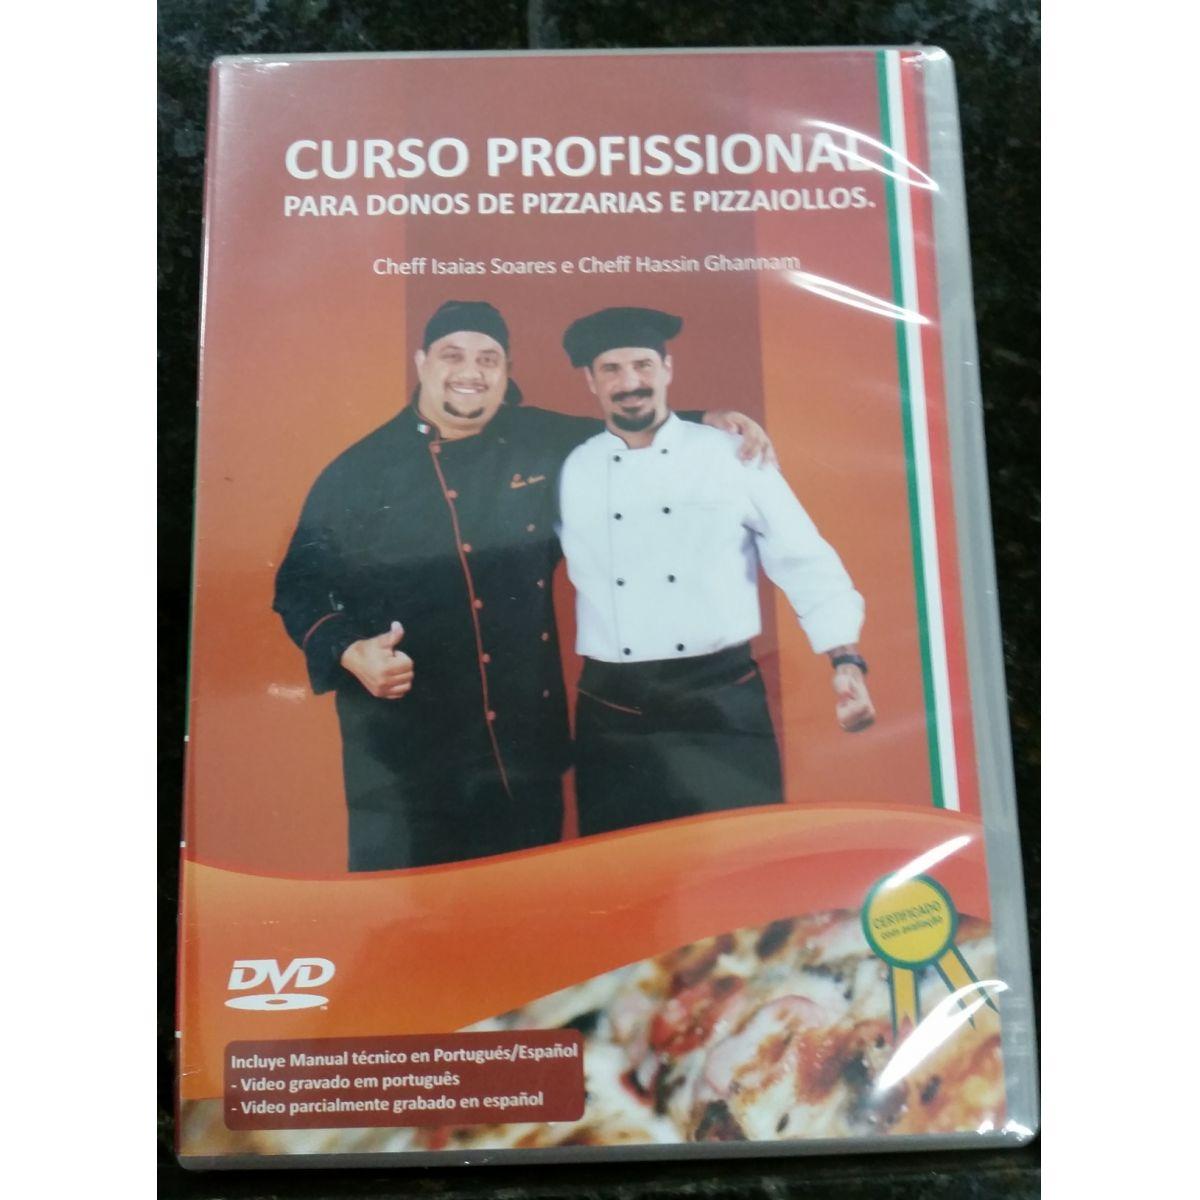 Conheça os segredos de uma boa pizza , administração da pizzaria e muito mais sem sair de casa. Clique aqui !!! 298_1_20140920005330